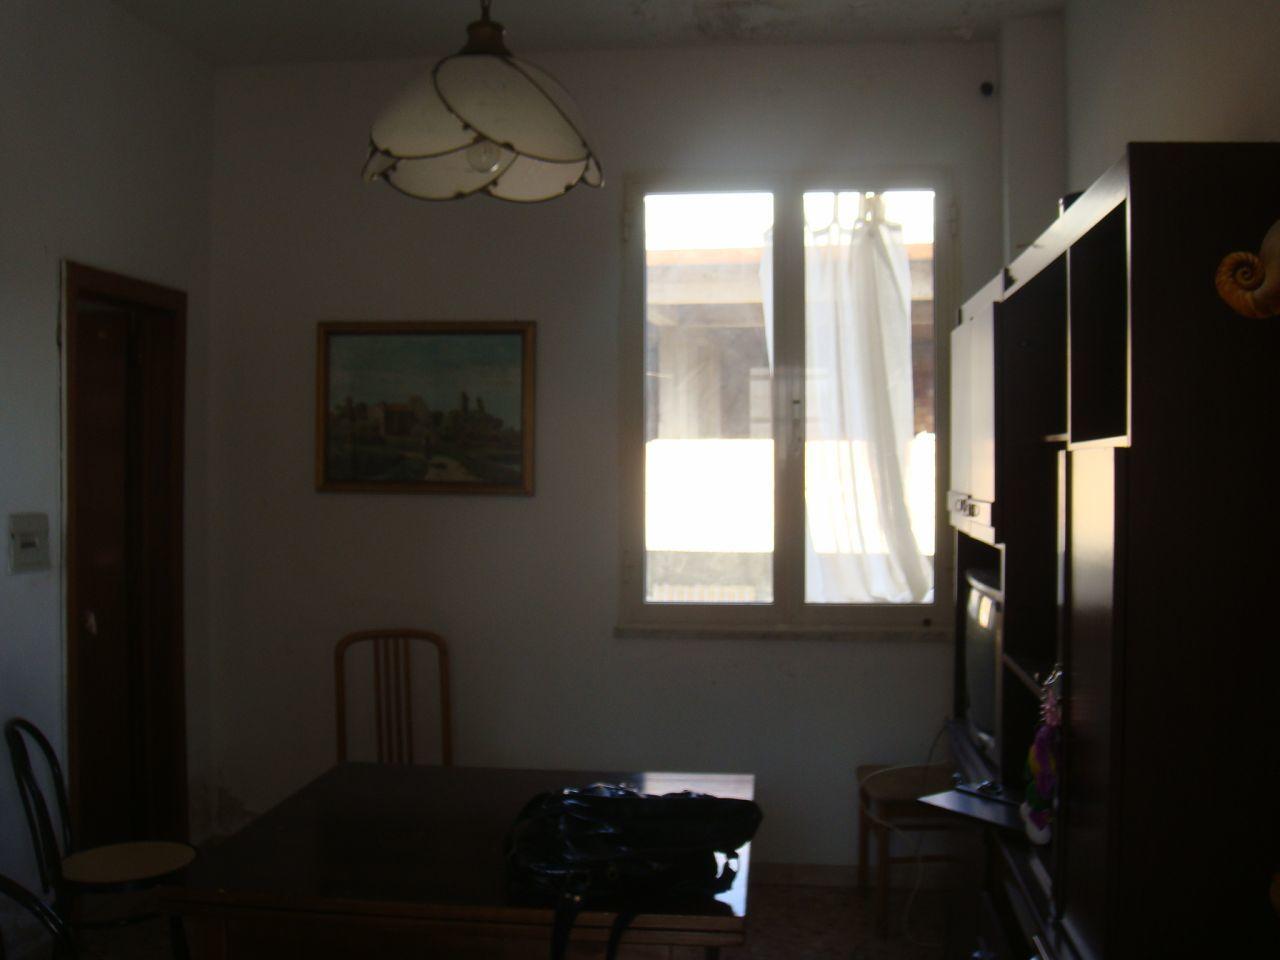 Soluzione Semindipendente in vendita a Melito di Porto Salvo, 3 locali, prezzo € 85.000   Cambio Casa.it